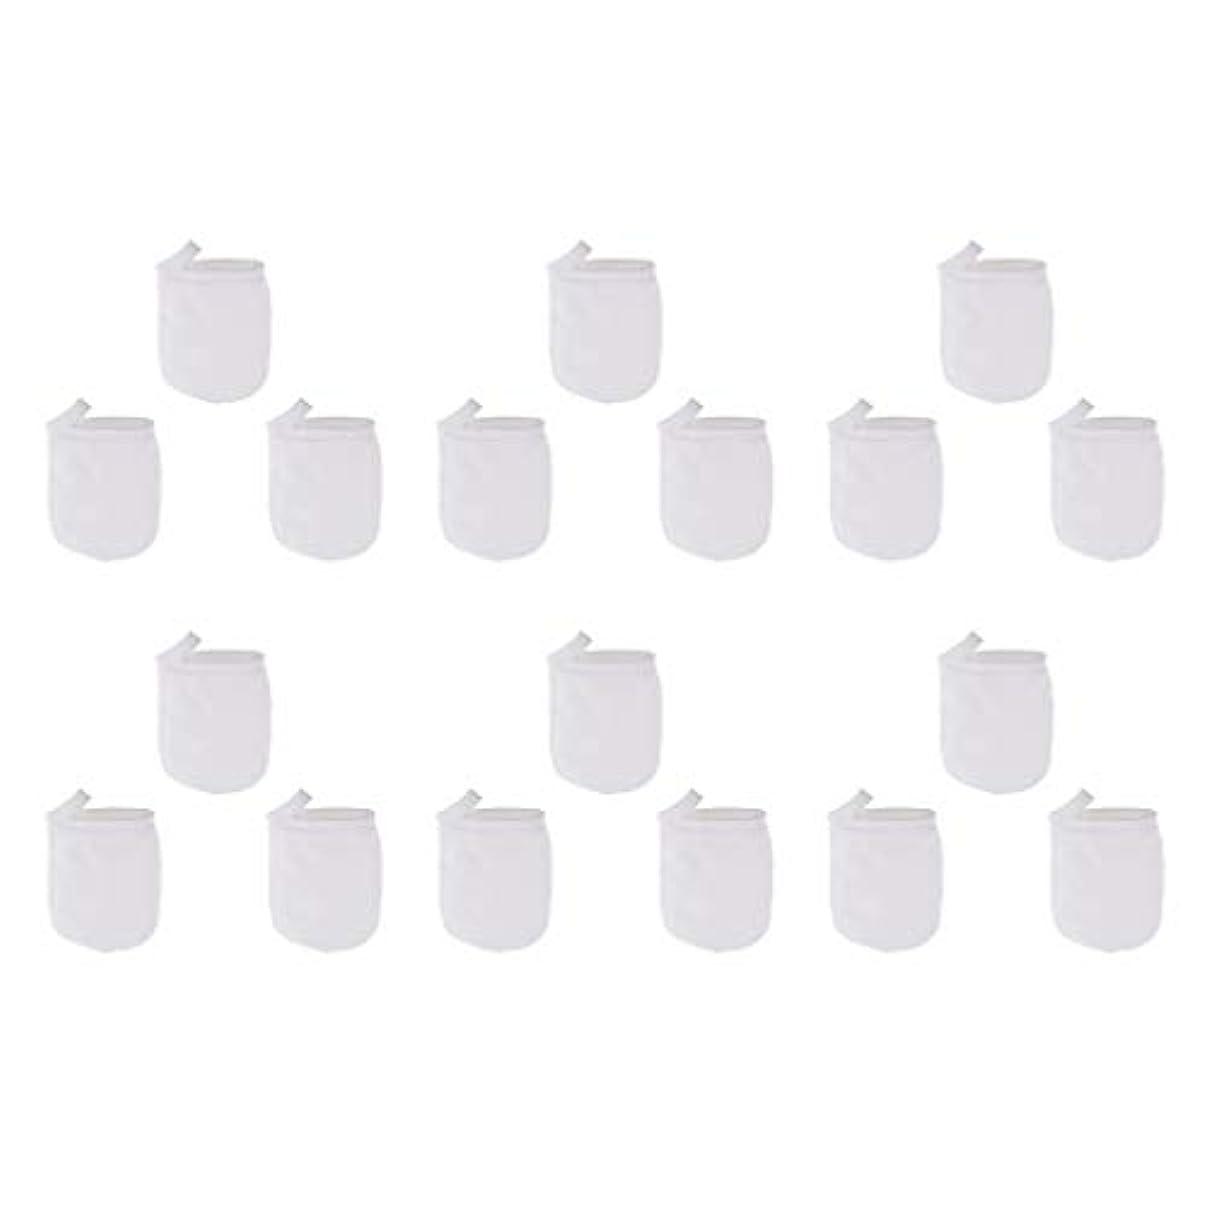 アブセイ尋ねる厚さ洗顔手袋 フェイスクレンジング手袋 再利用可能な 柔らかい マイクロファイバー リムーバー 洗顔